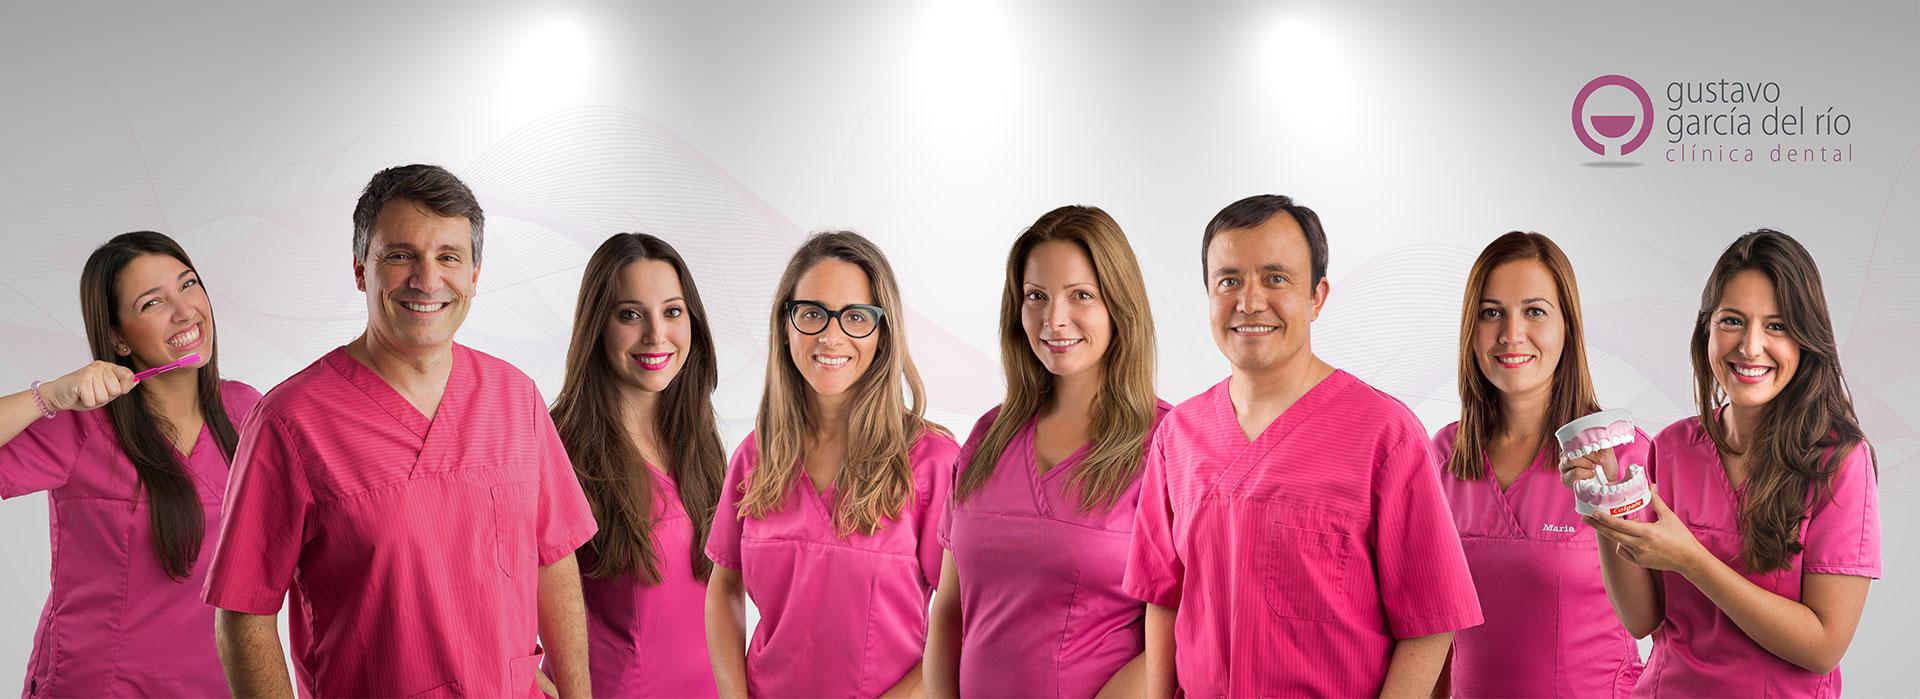 Dentistas Elche - Gustavo Garcia del Rio